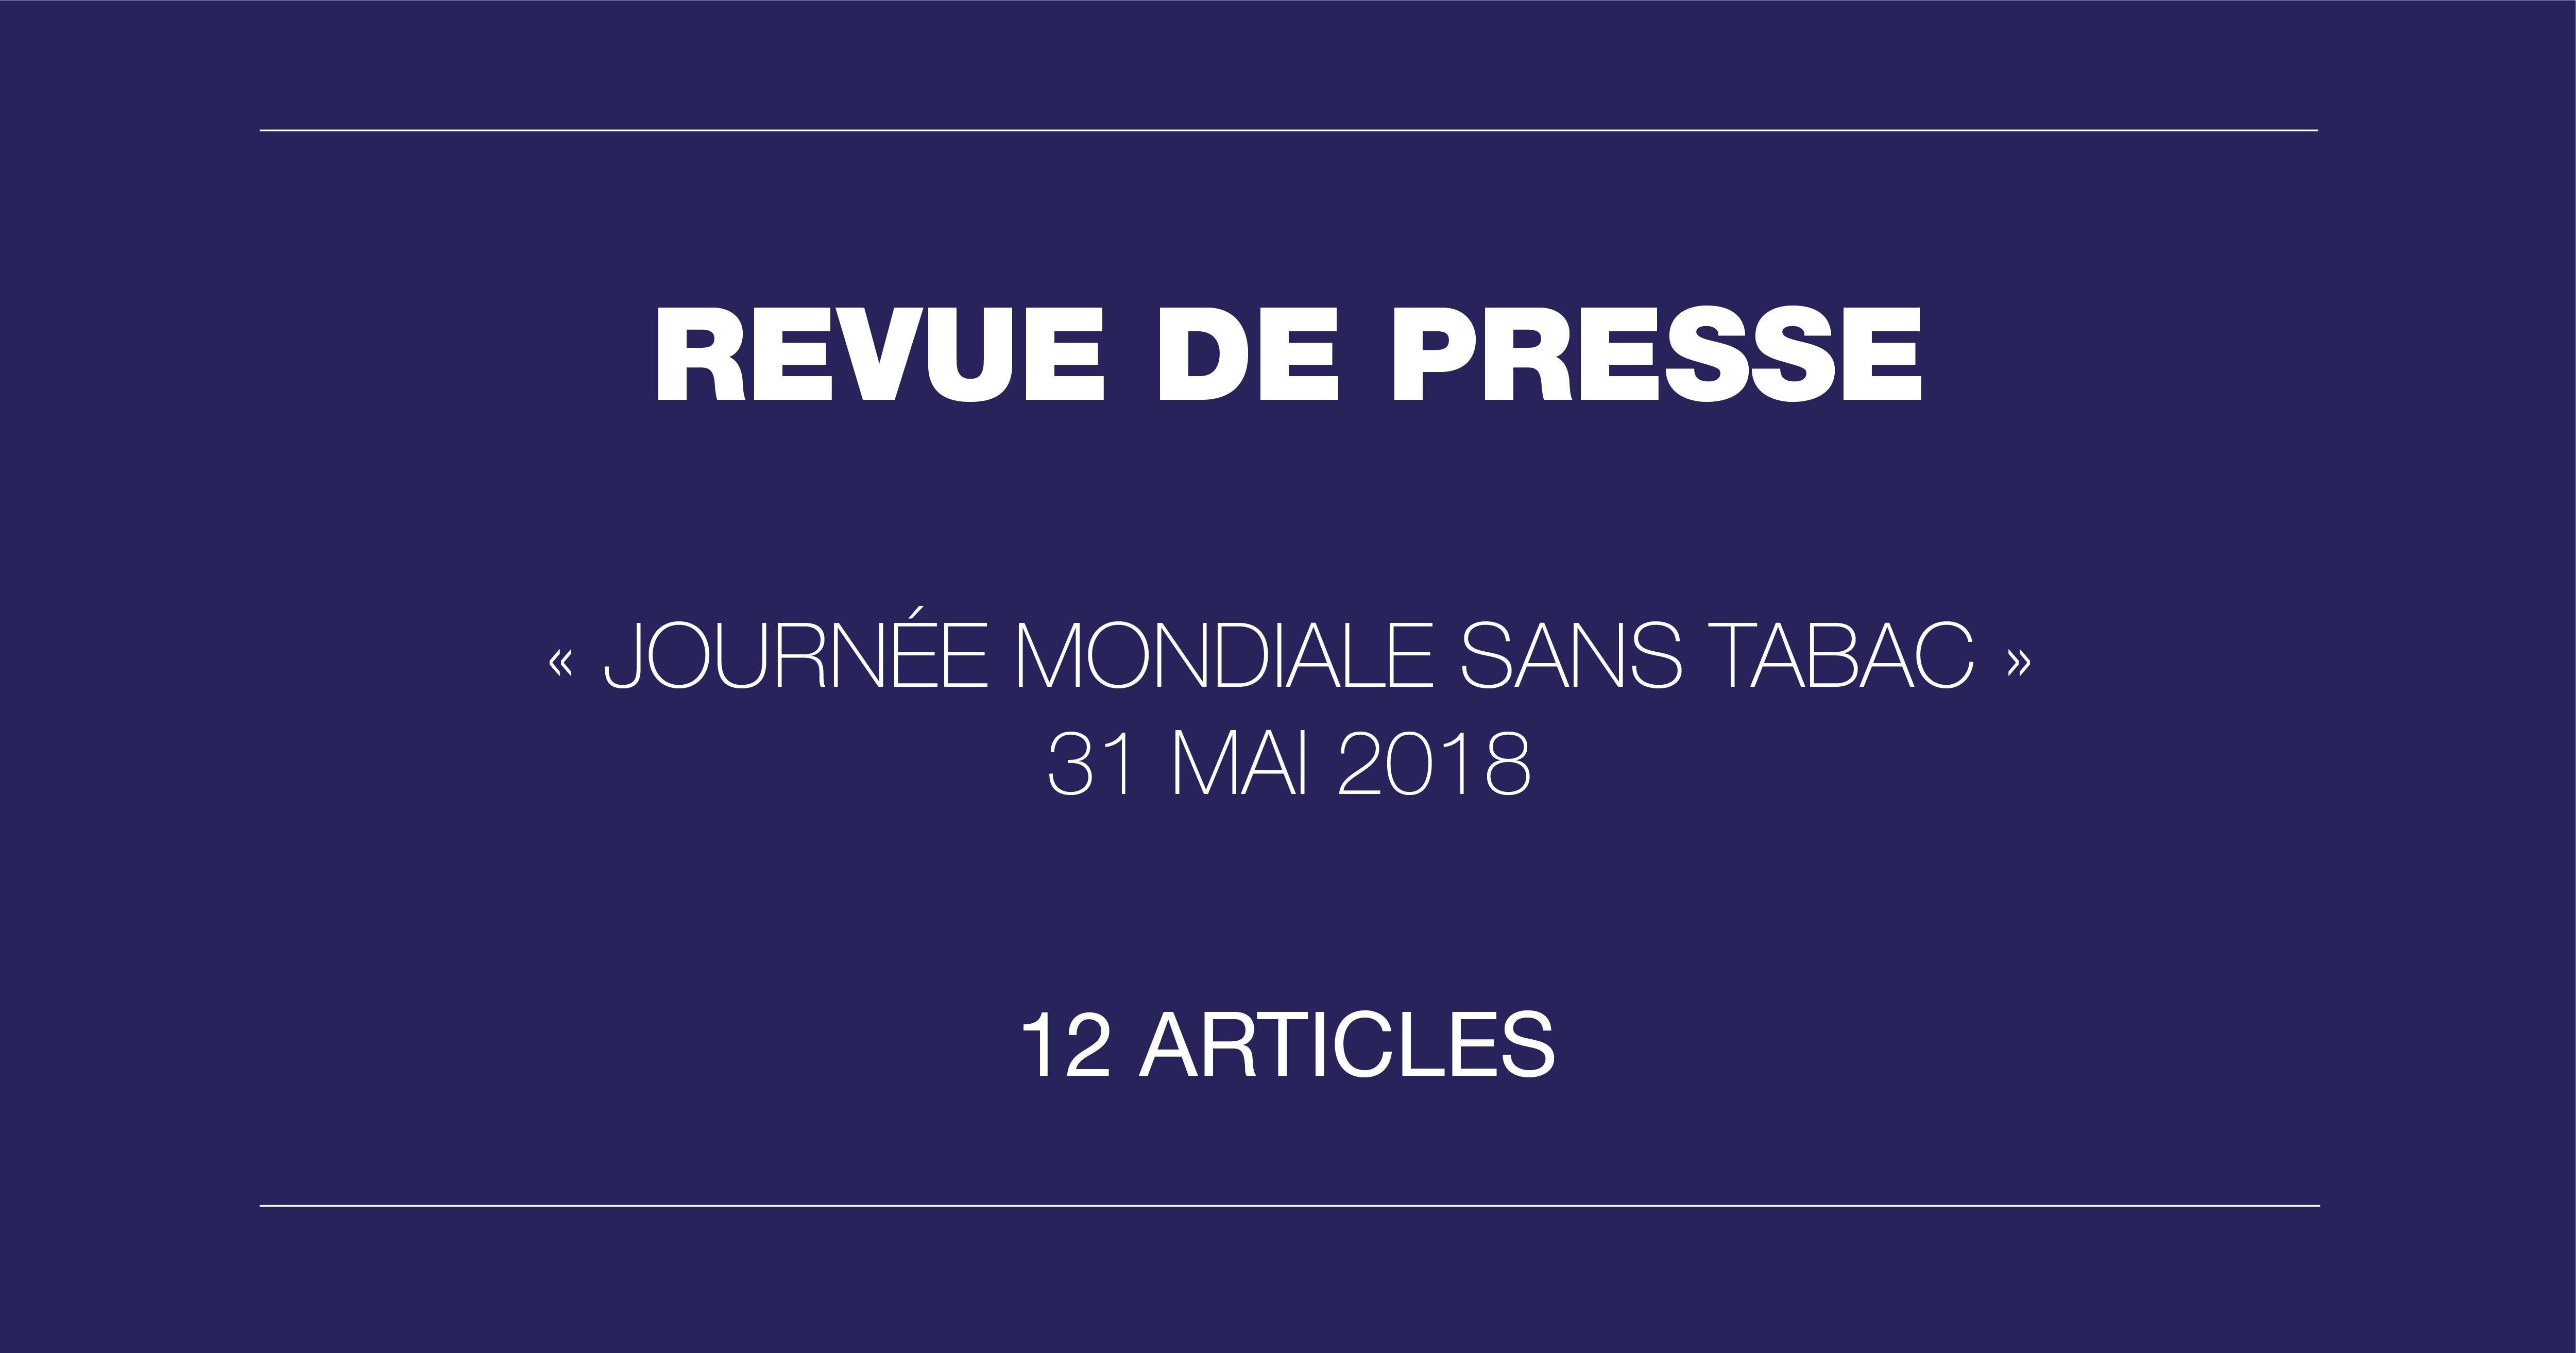 Revue de presse de la journée mondiale sans tabac 2018